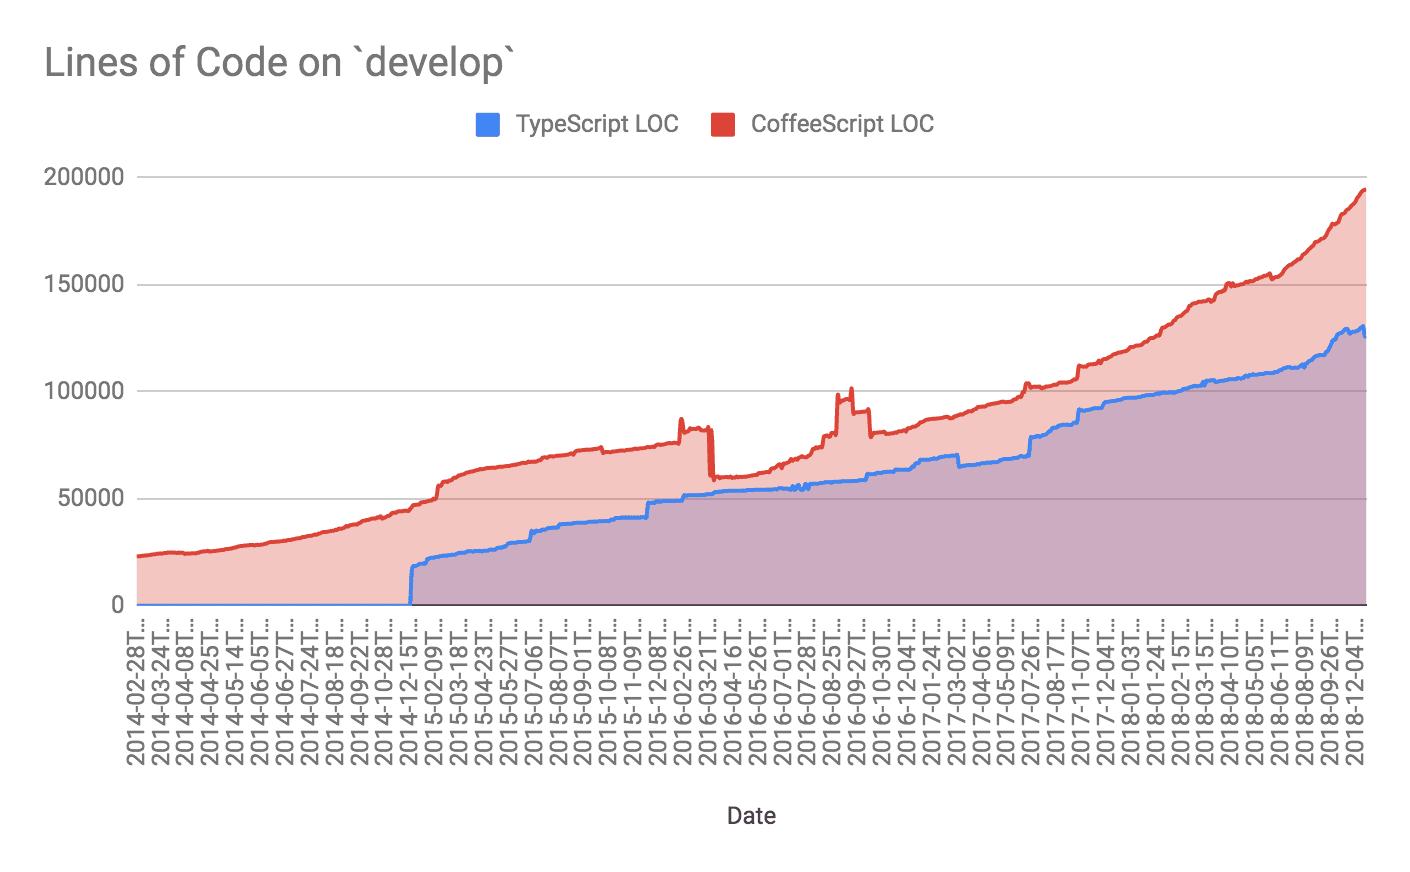 花了四年迁移到TypeScript,我们总结出了这些经验教训